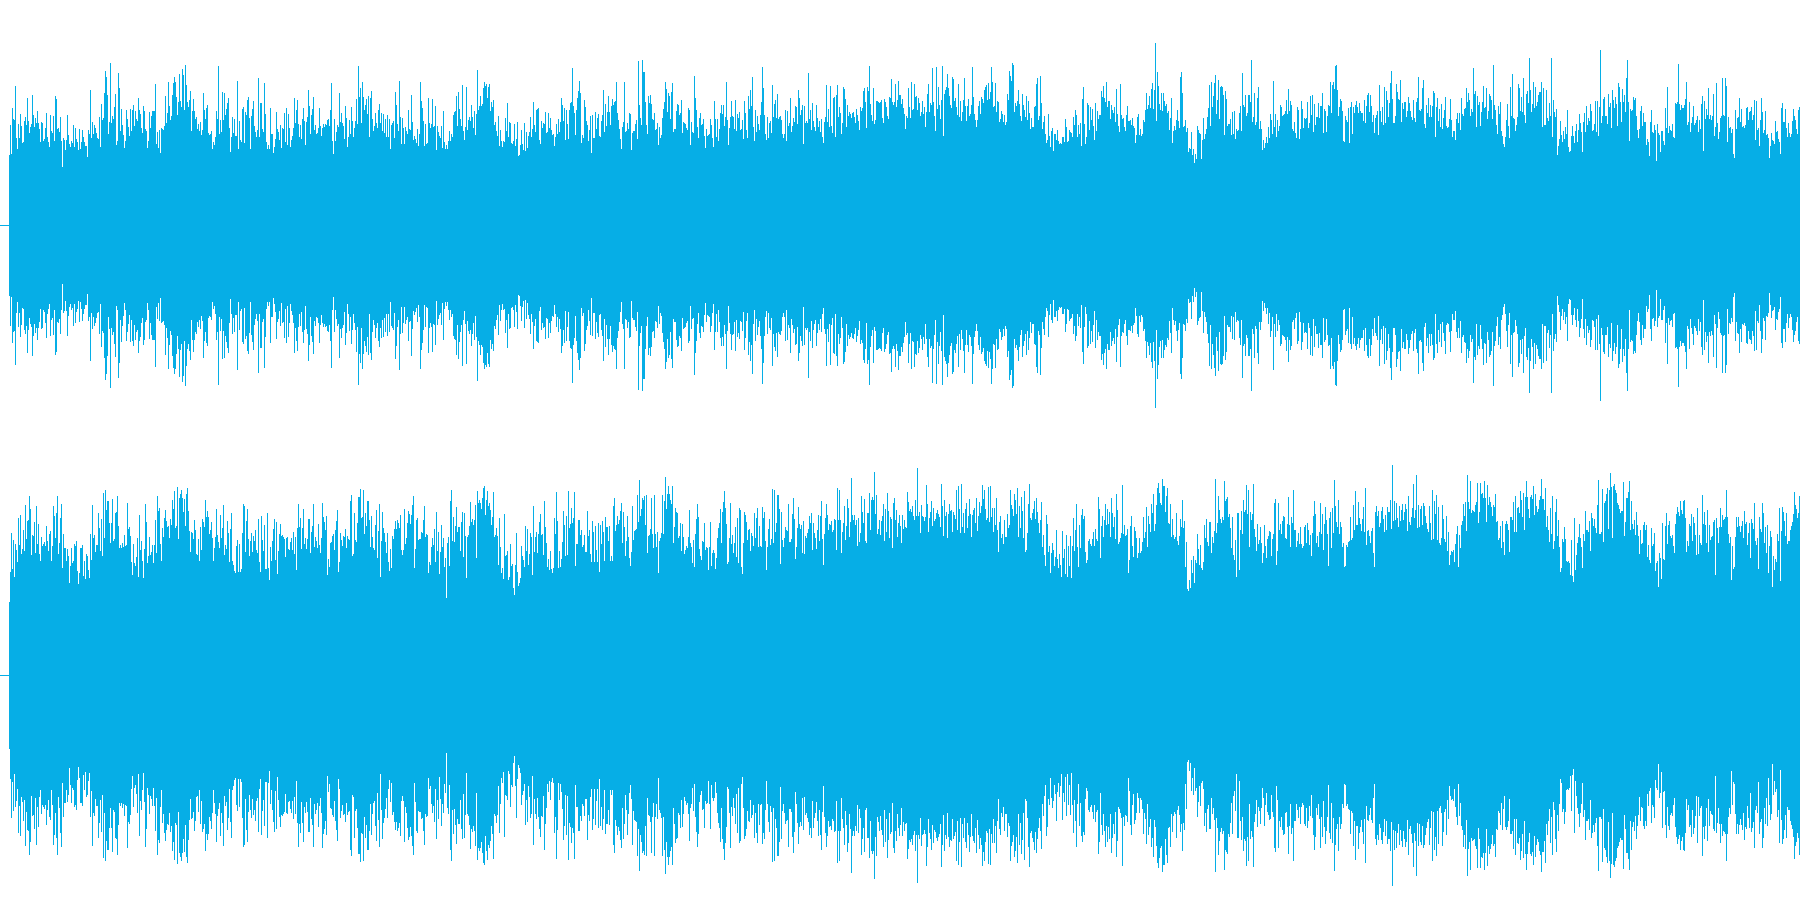 ドイツの都市間輸送列車ICの走行音の再生済みの波形